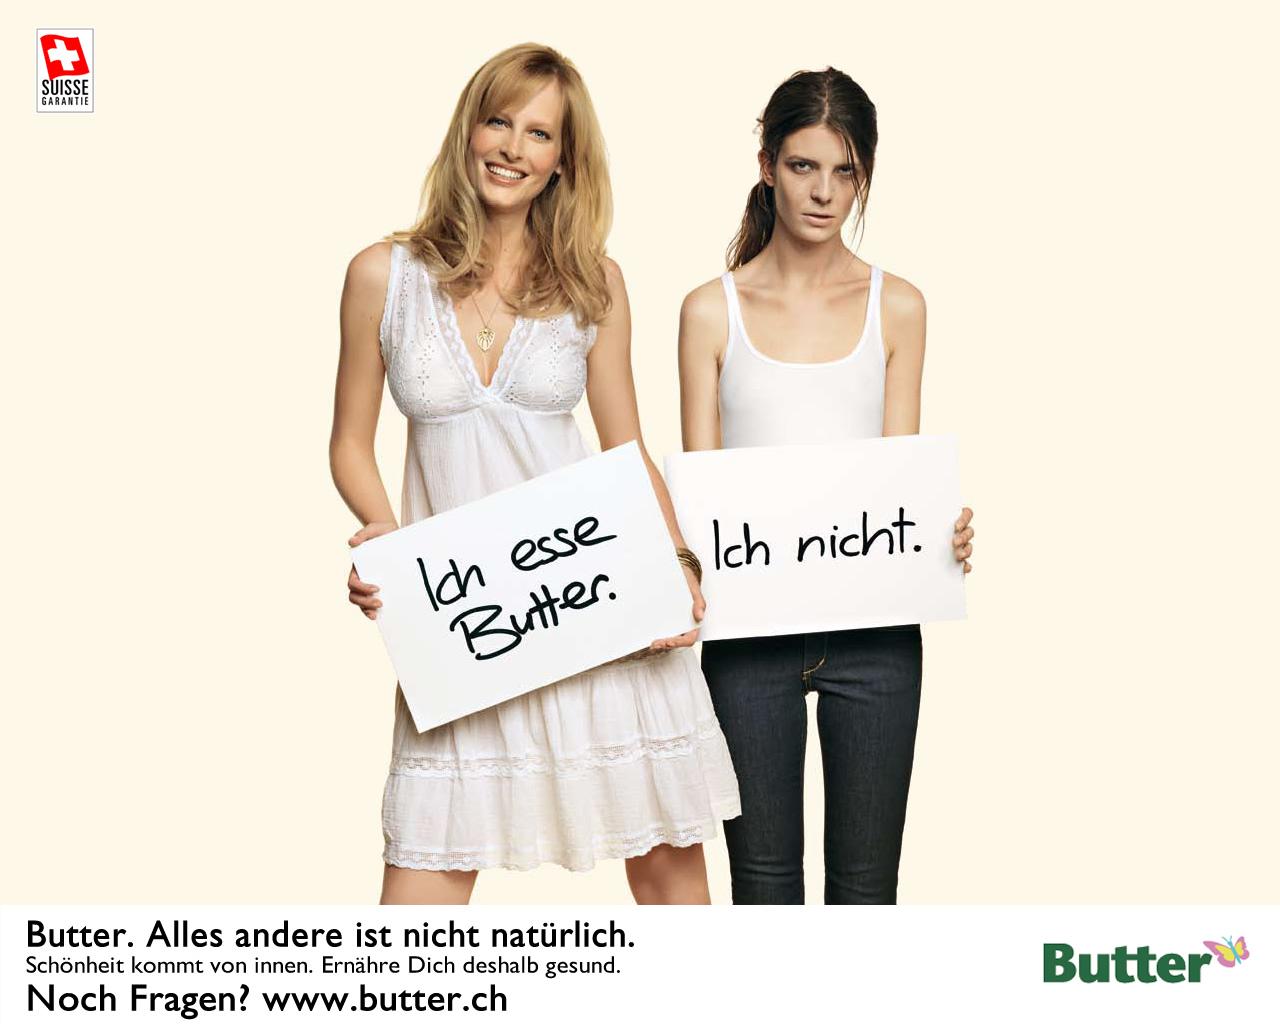 német idézetek fordítással Német szlengek, szólások, közmondások, idézetek   németül és